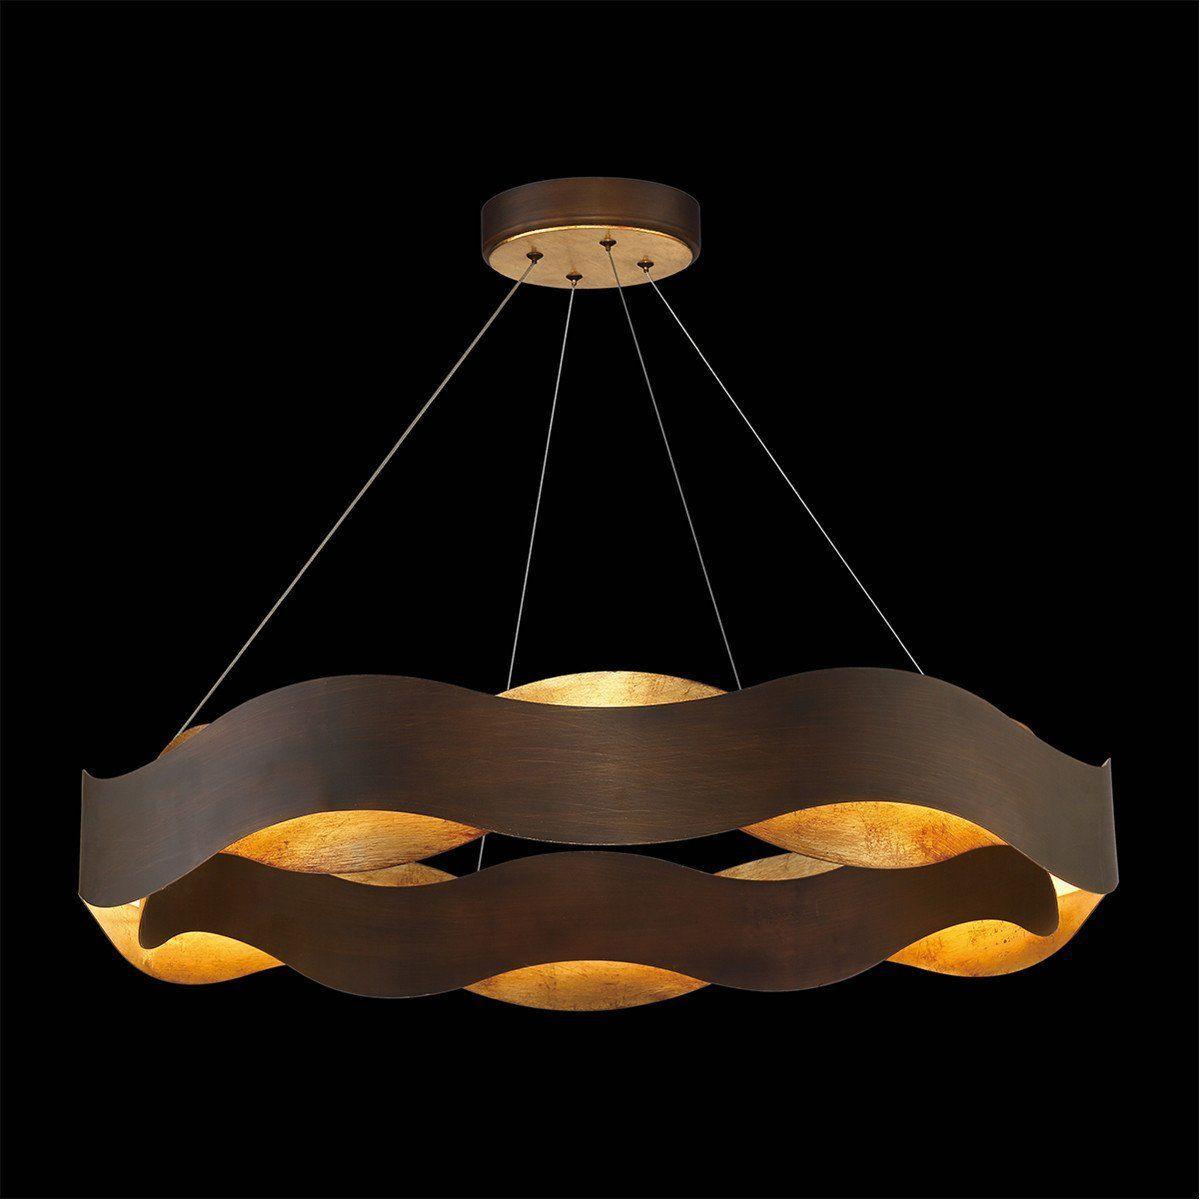 Best The Vaughan Large Chandelier Has Beautiful Bronze Metal 400 x 300